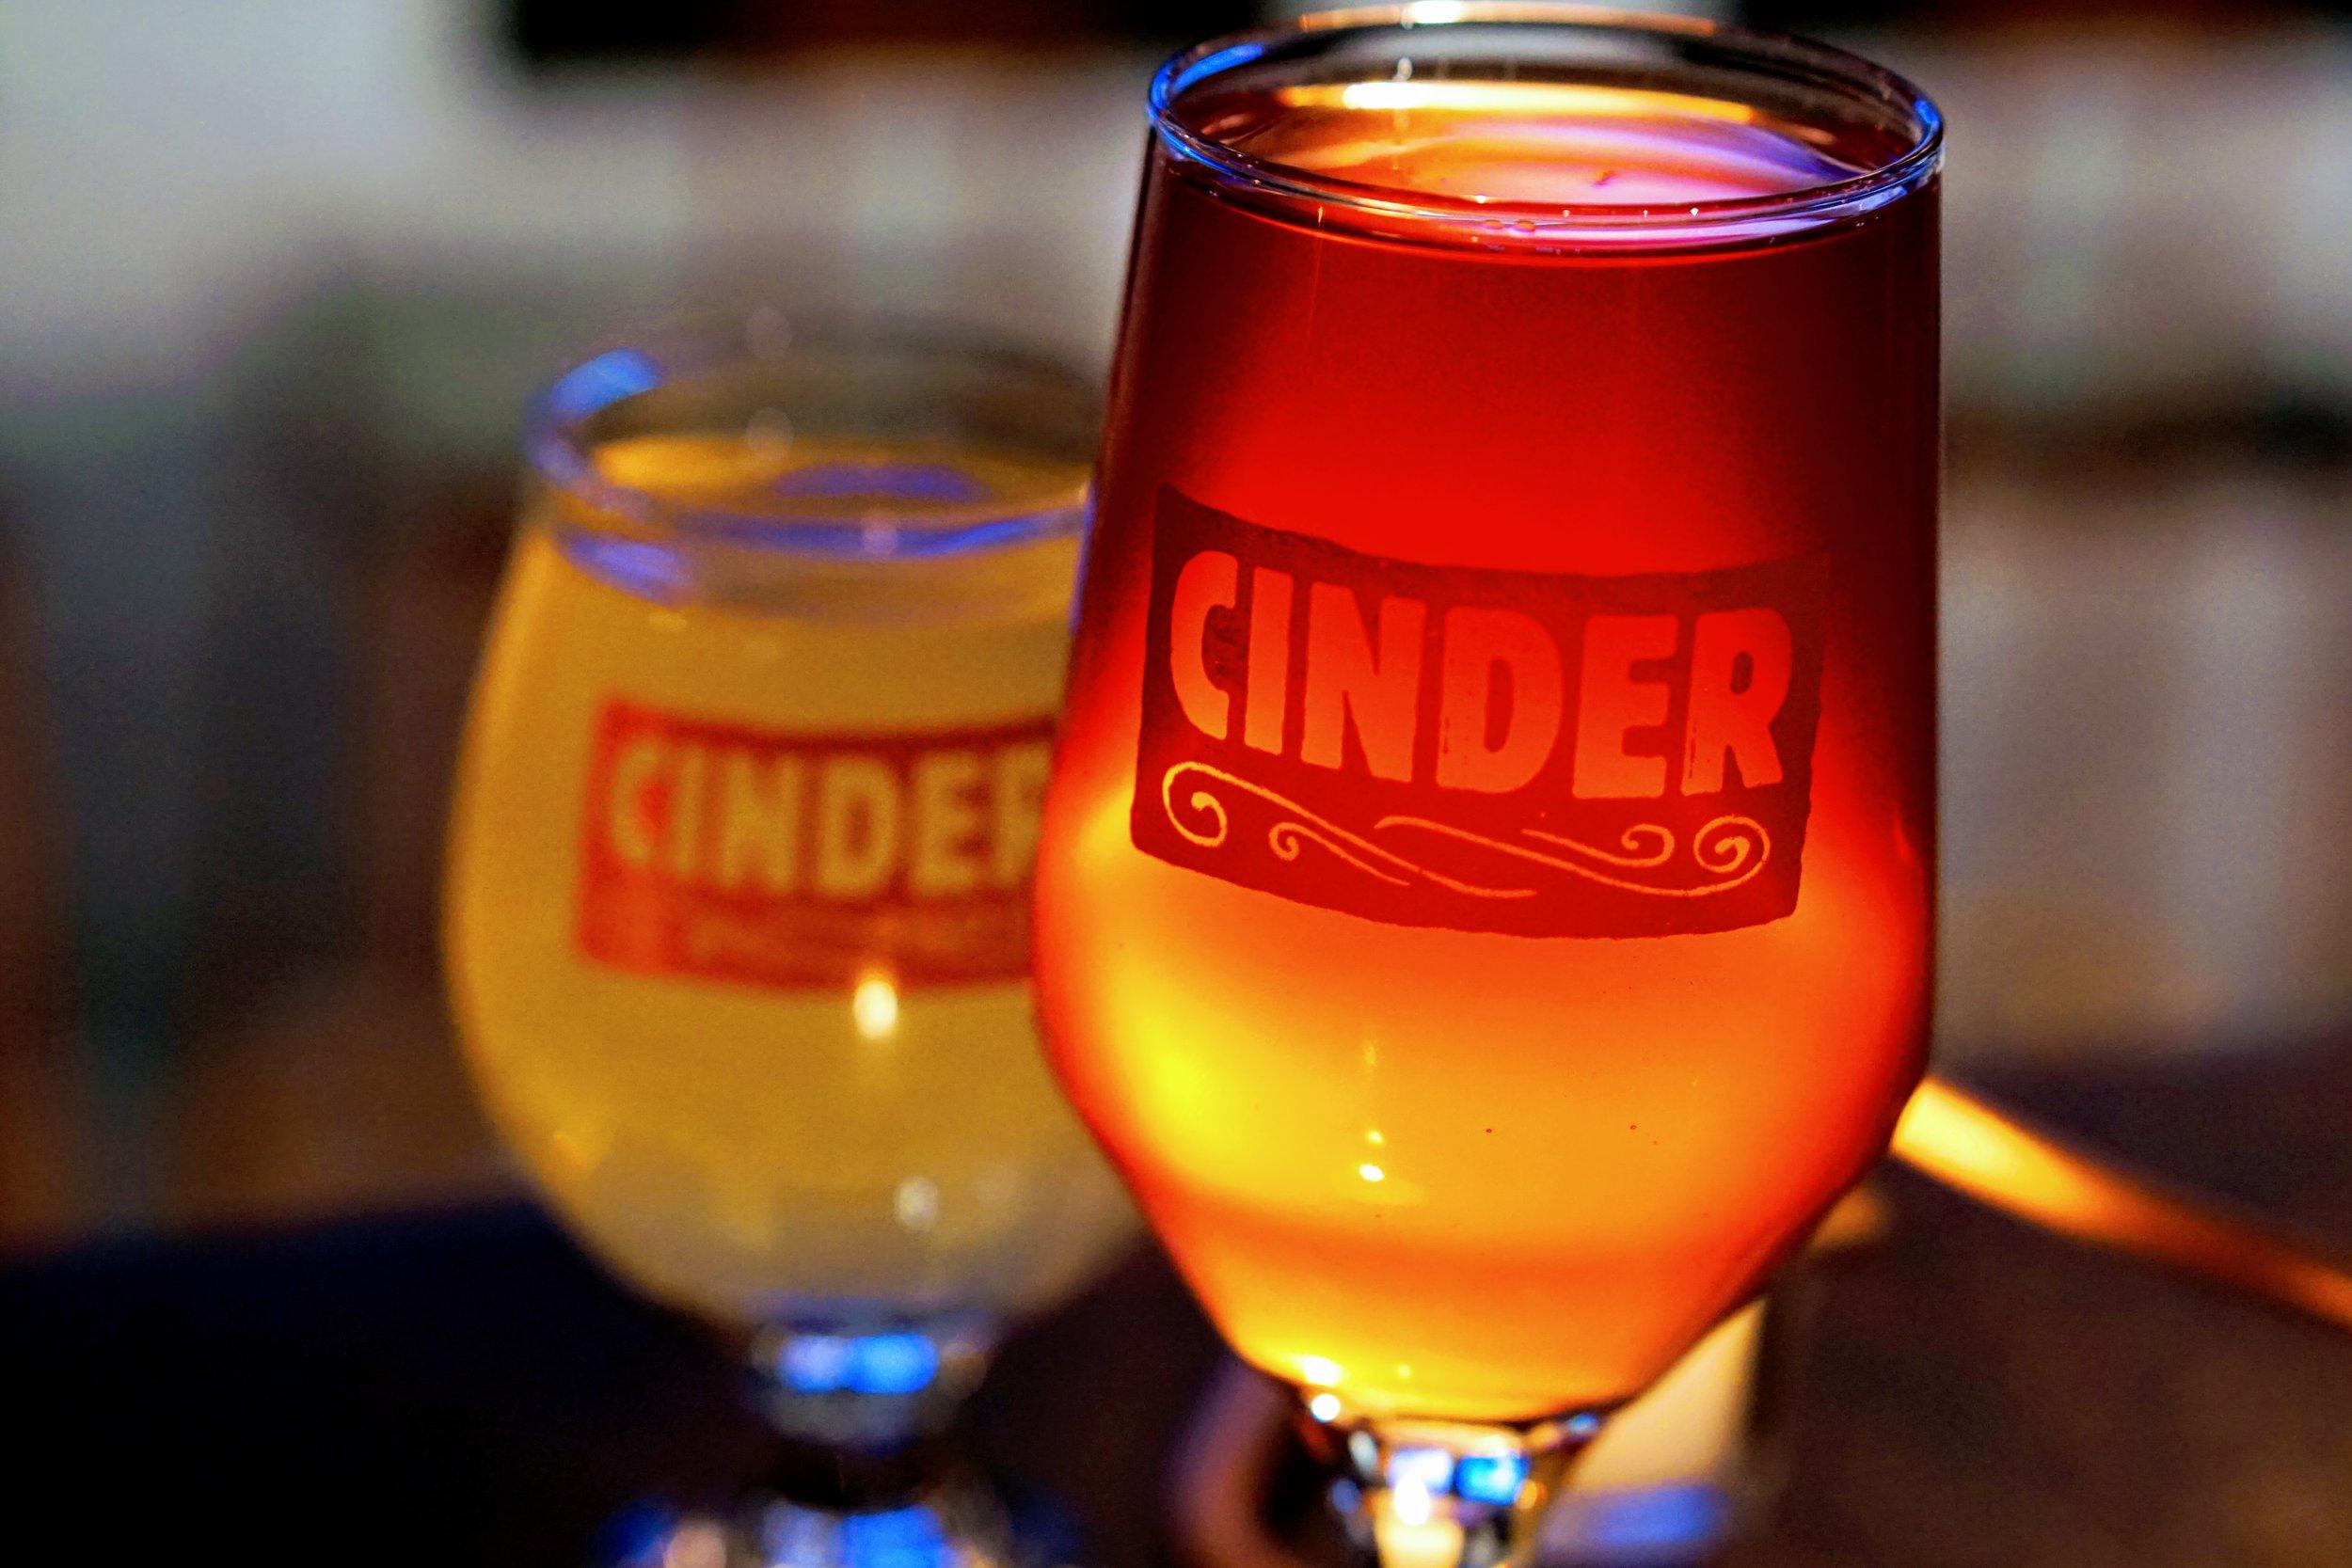 Cinder, sour bowl